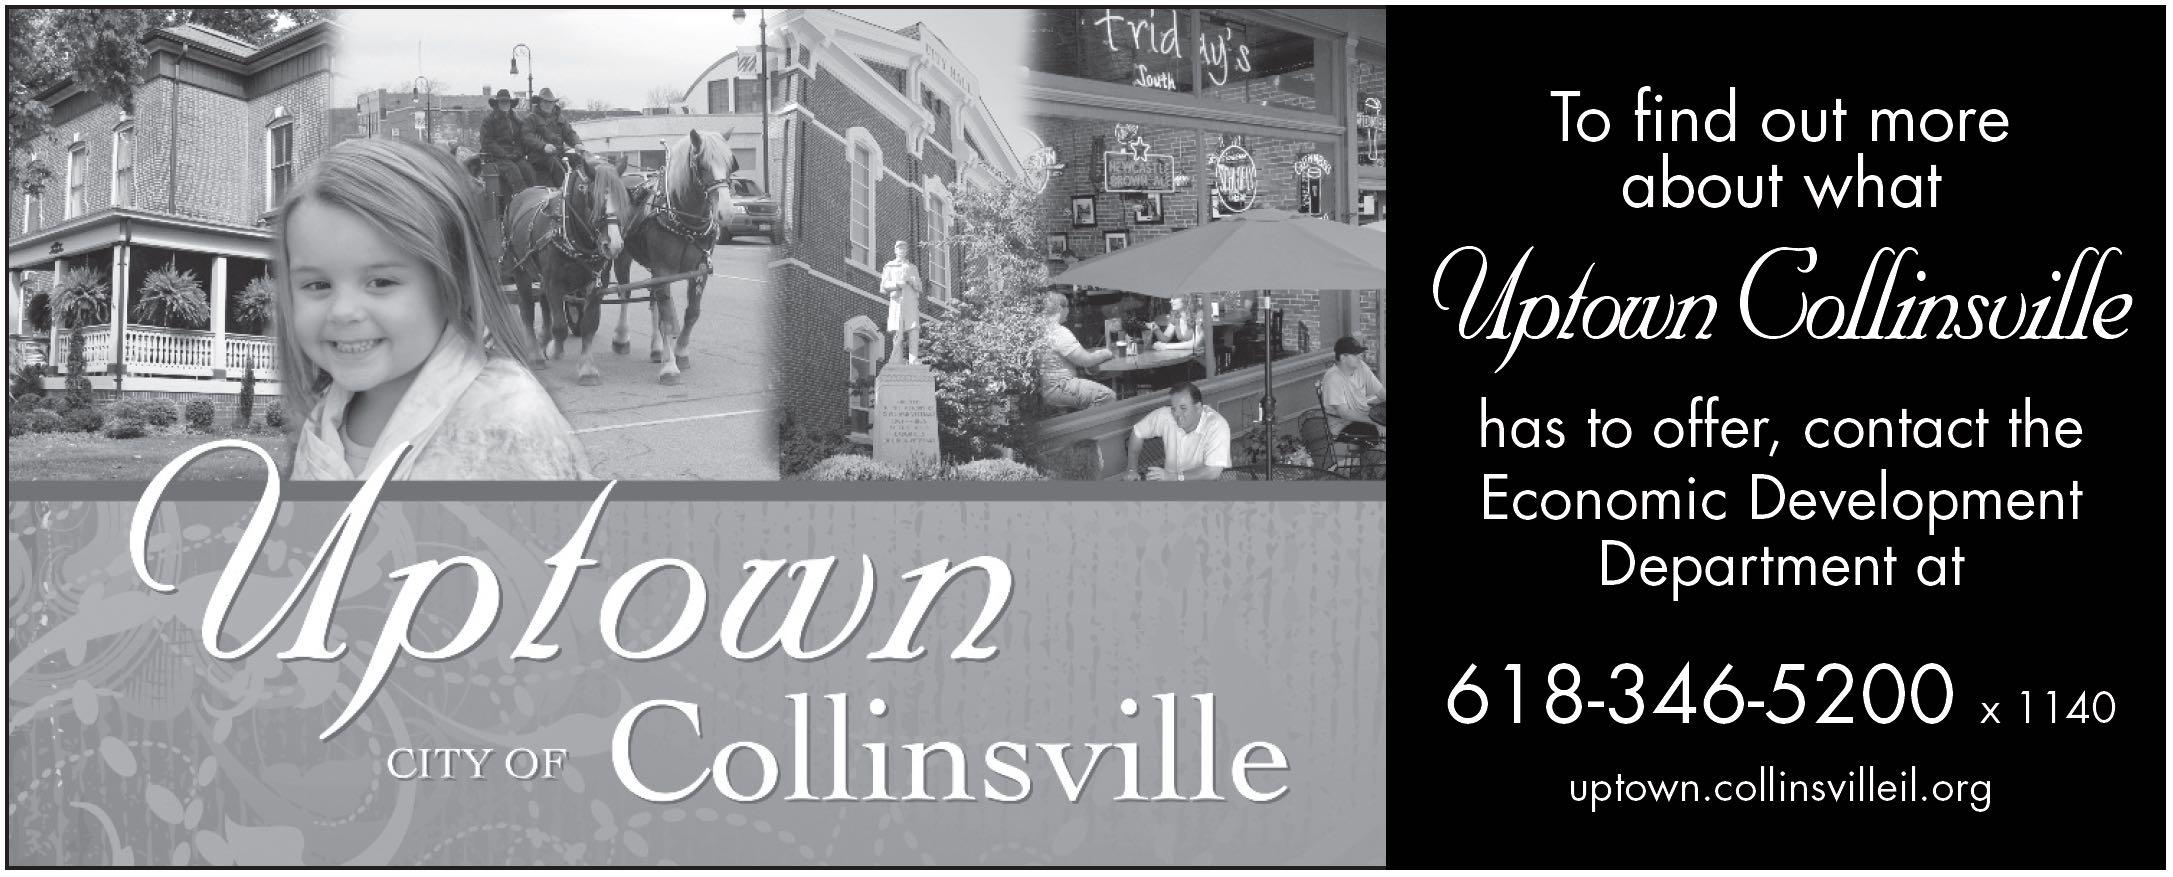 p14 UptownCollinsville